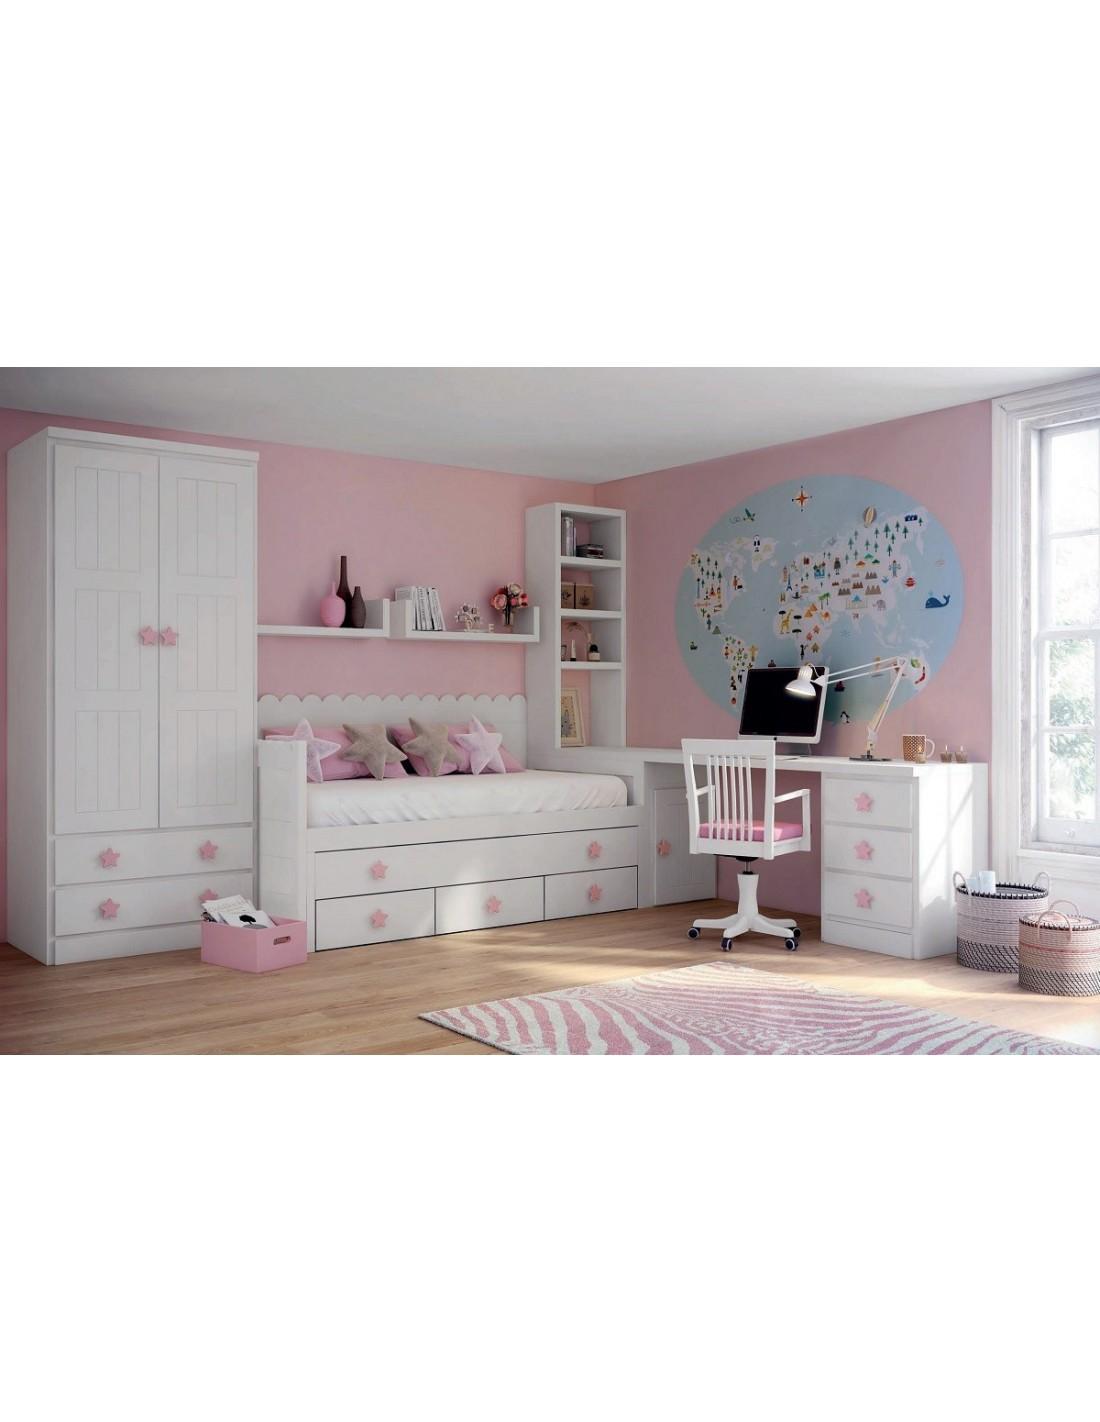 Comprar online dormitorios juveniles. Tienda muebles - Muebles Noel